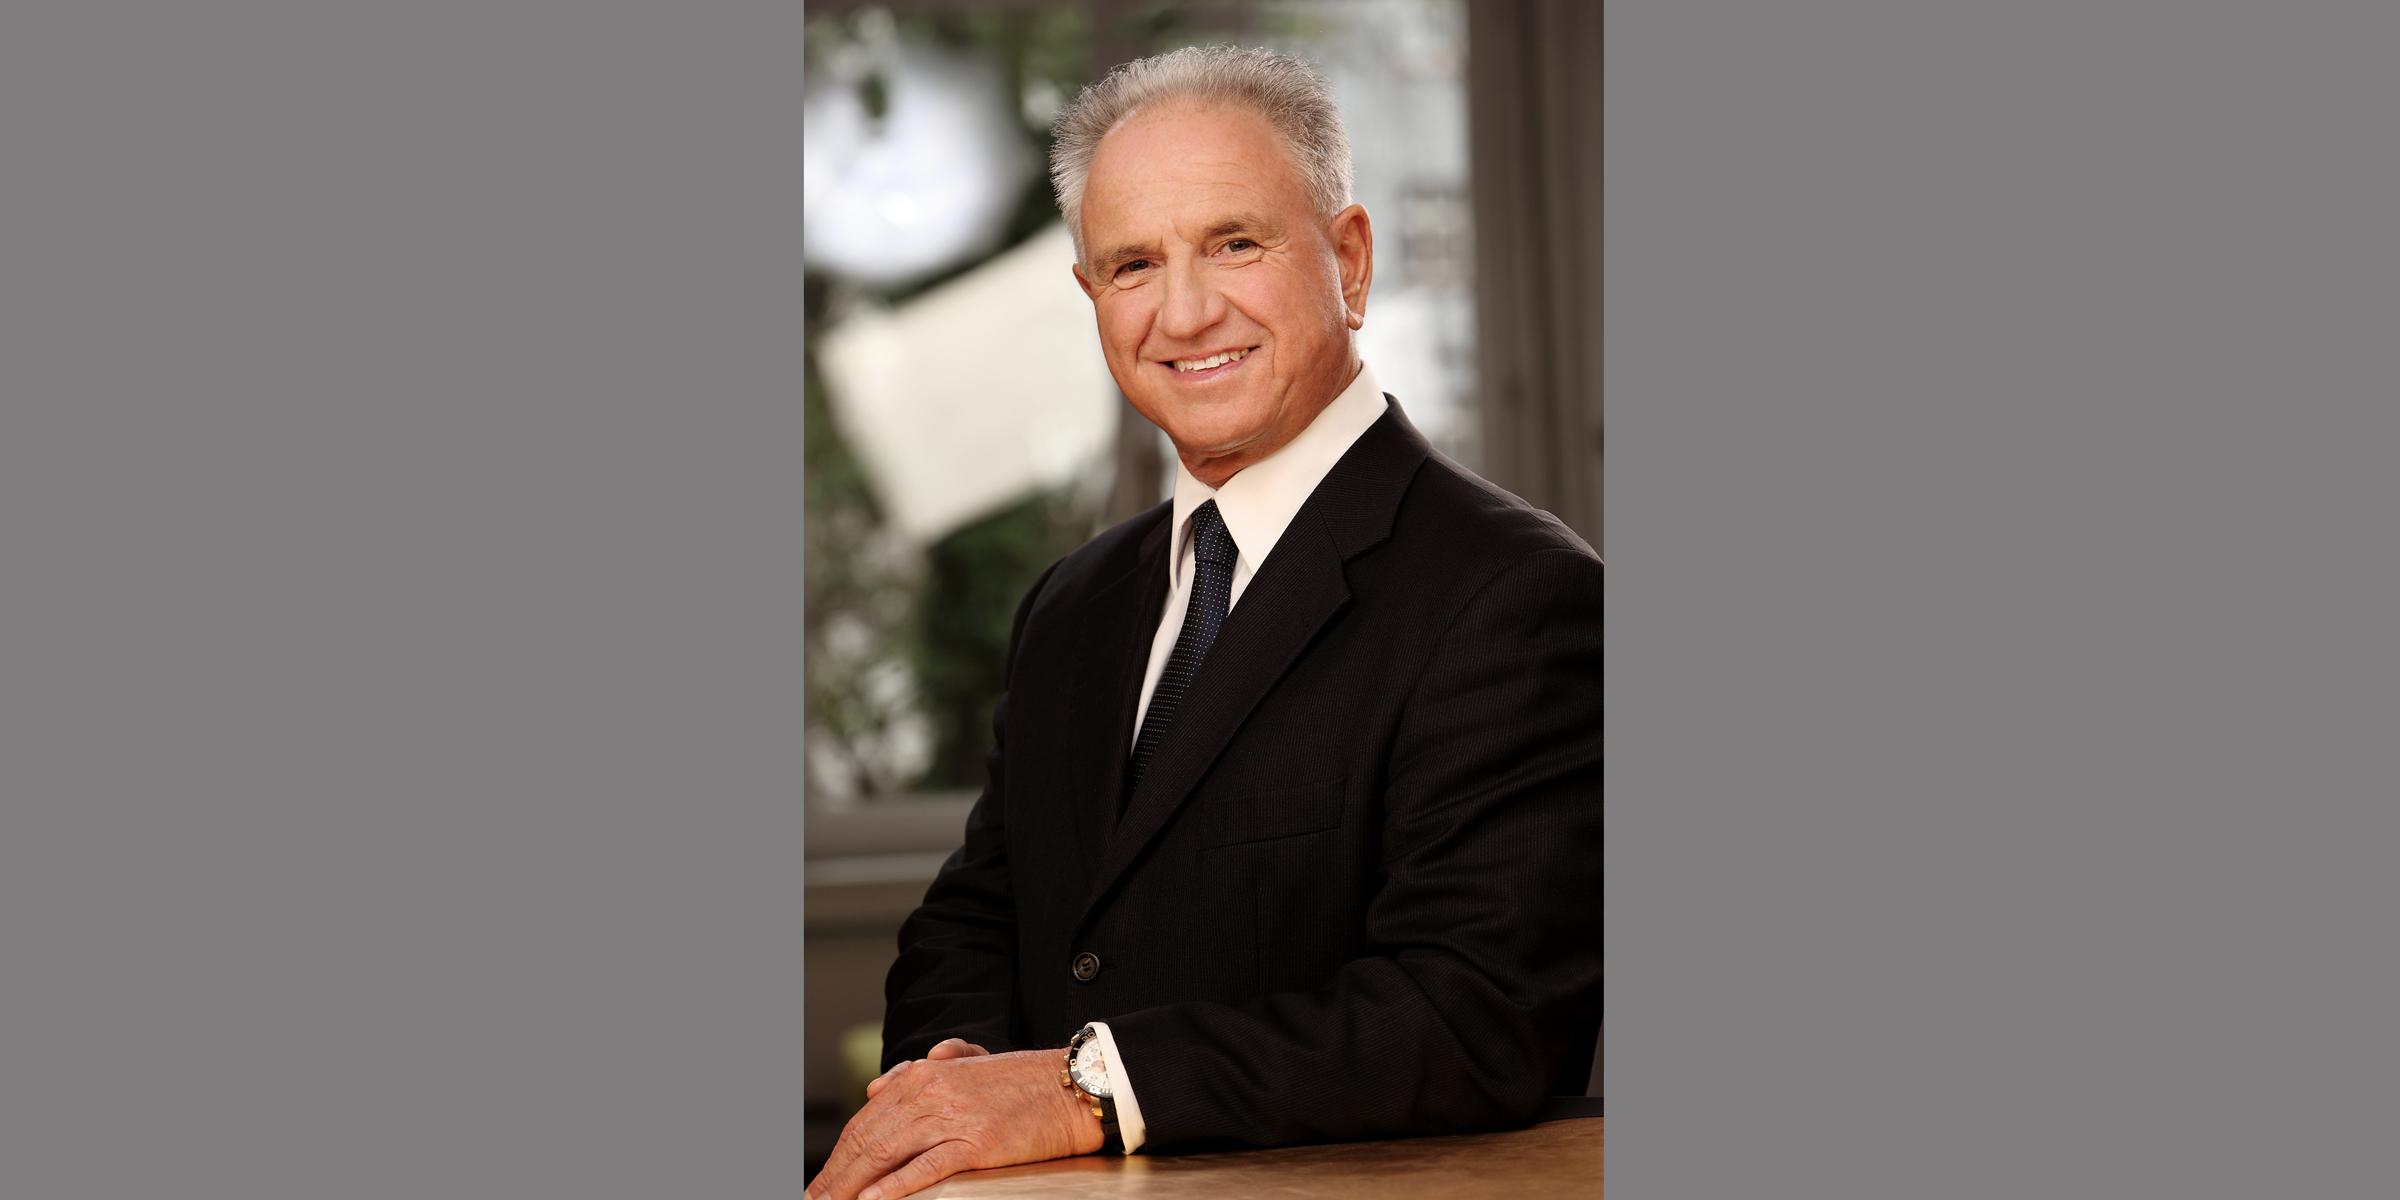 Business Portrait eines älteren, grauhaarigen Mannes in schwarzem Business-Anzug mit Krawatte, der freundlich lächelt und seine Arme seitlich auf einer Tischplatte ablegt.